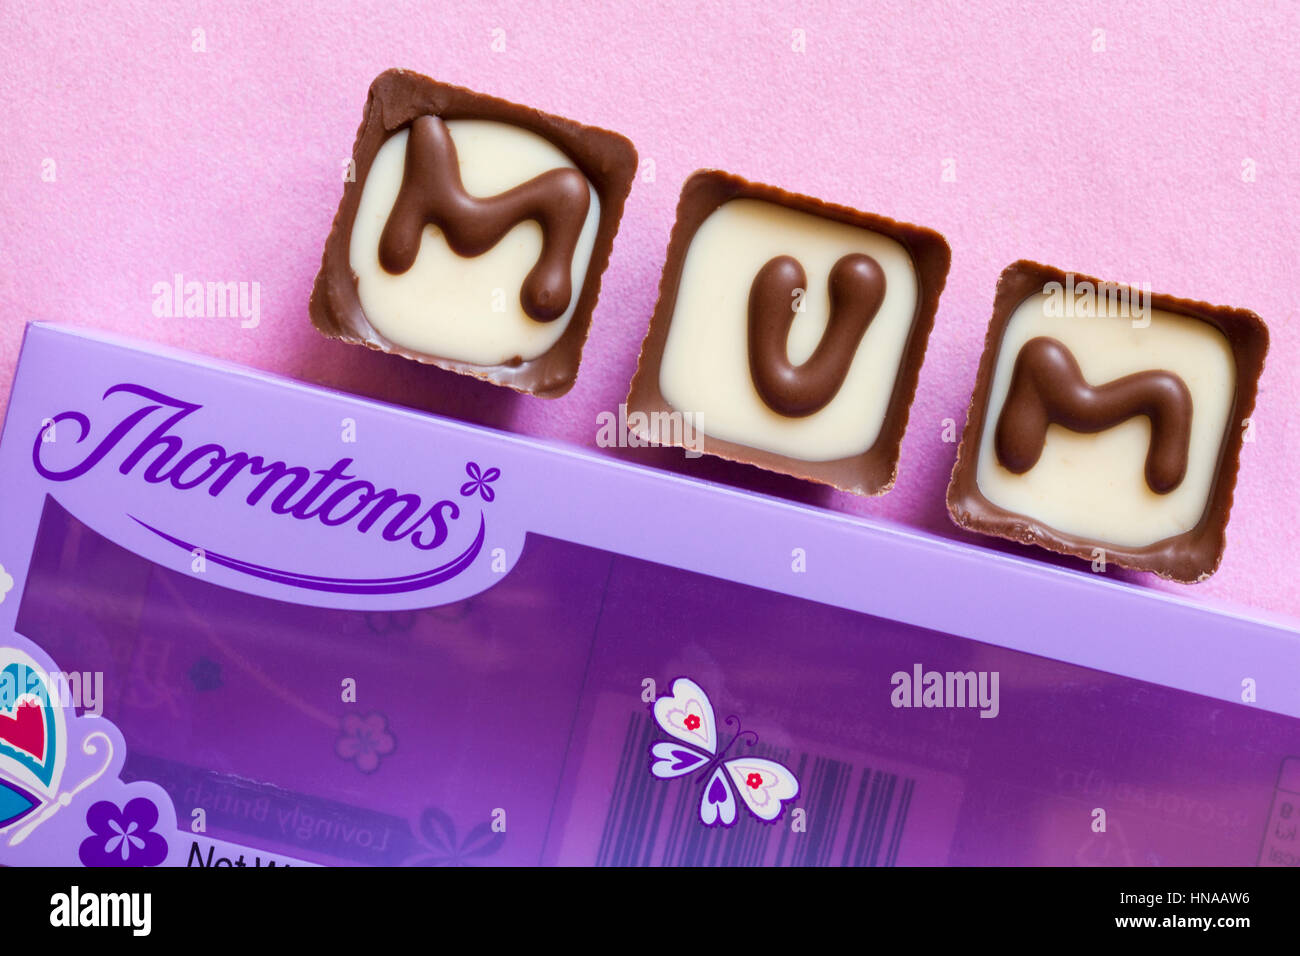 Thorntons Mum chocolates perfecto como el día de las madres mimando Domingo, presente sobre fondo de color Imagen De Stock